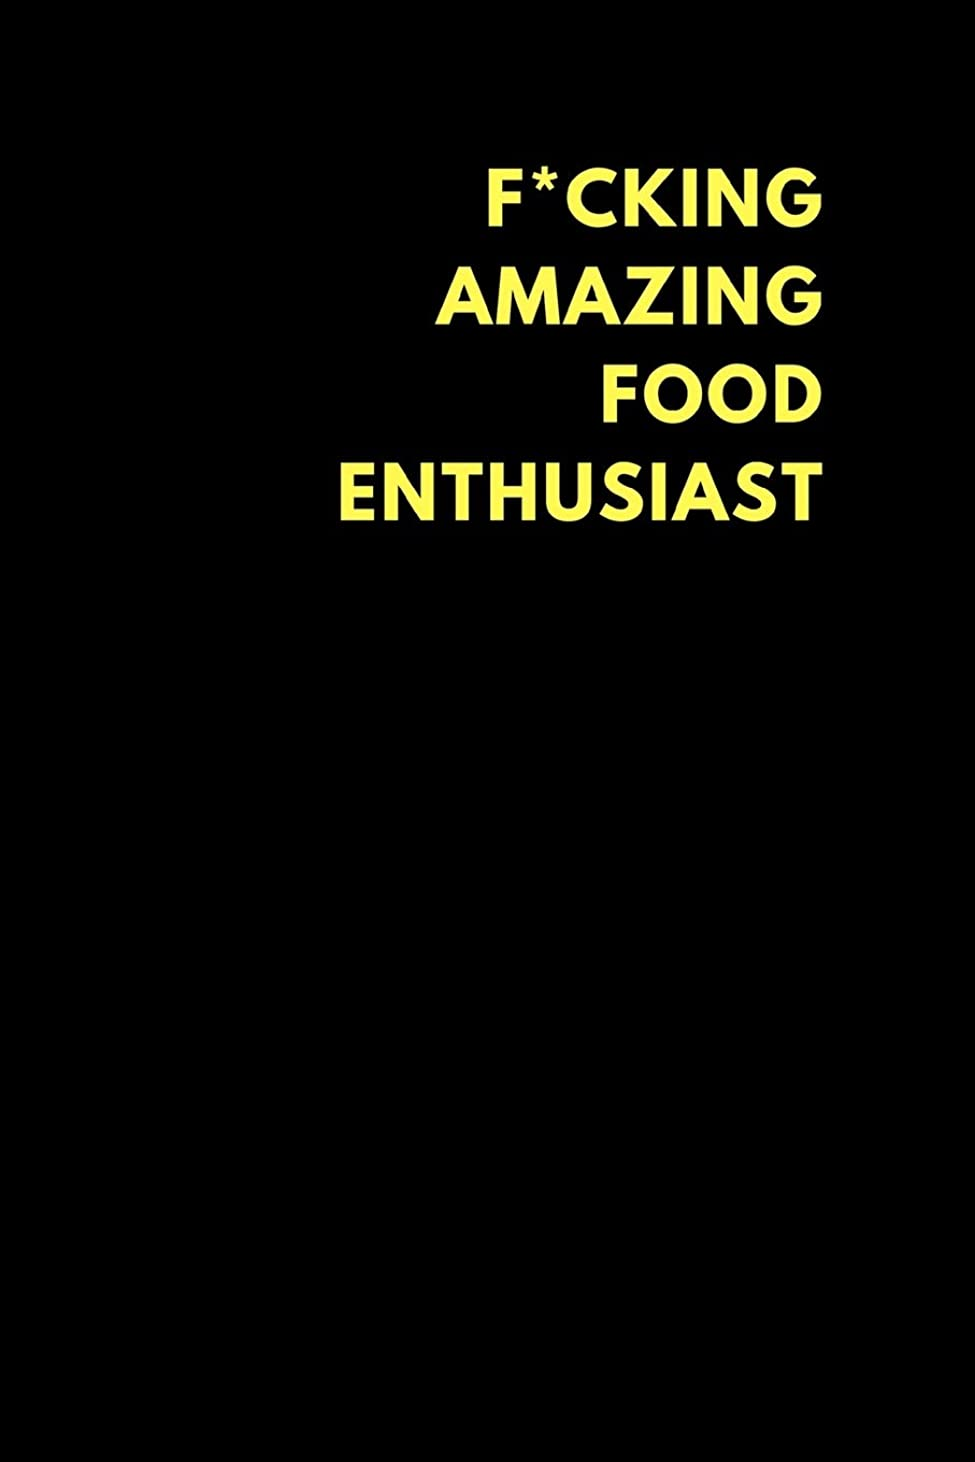 小川奨励財布F*cking Amazing Food Enthusiast: Lined Notebook Journal to Write In, Funny Gift Friends Family (150 pages)